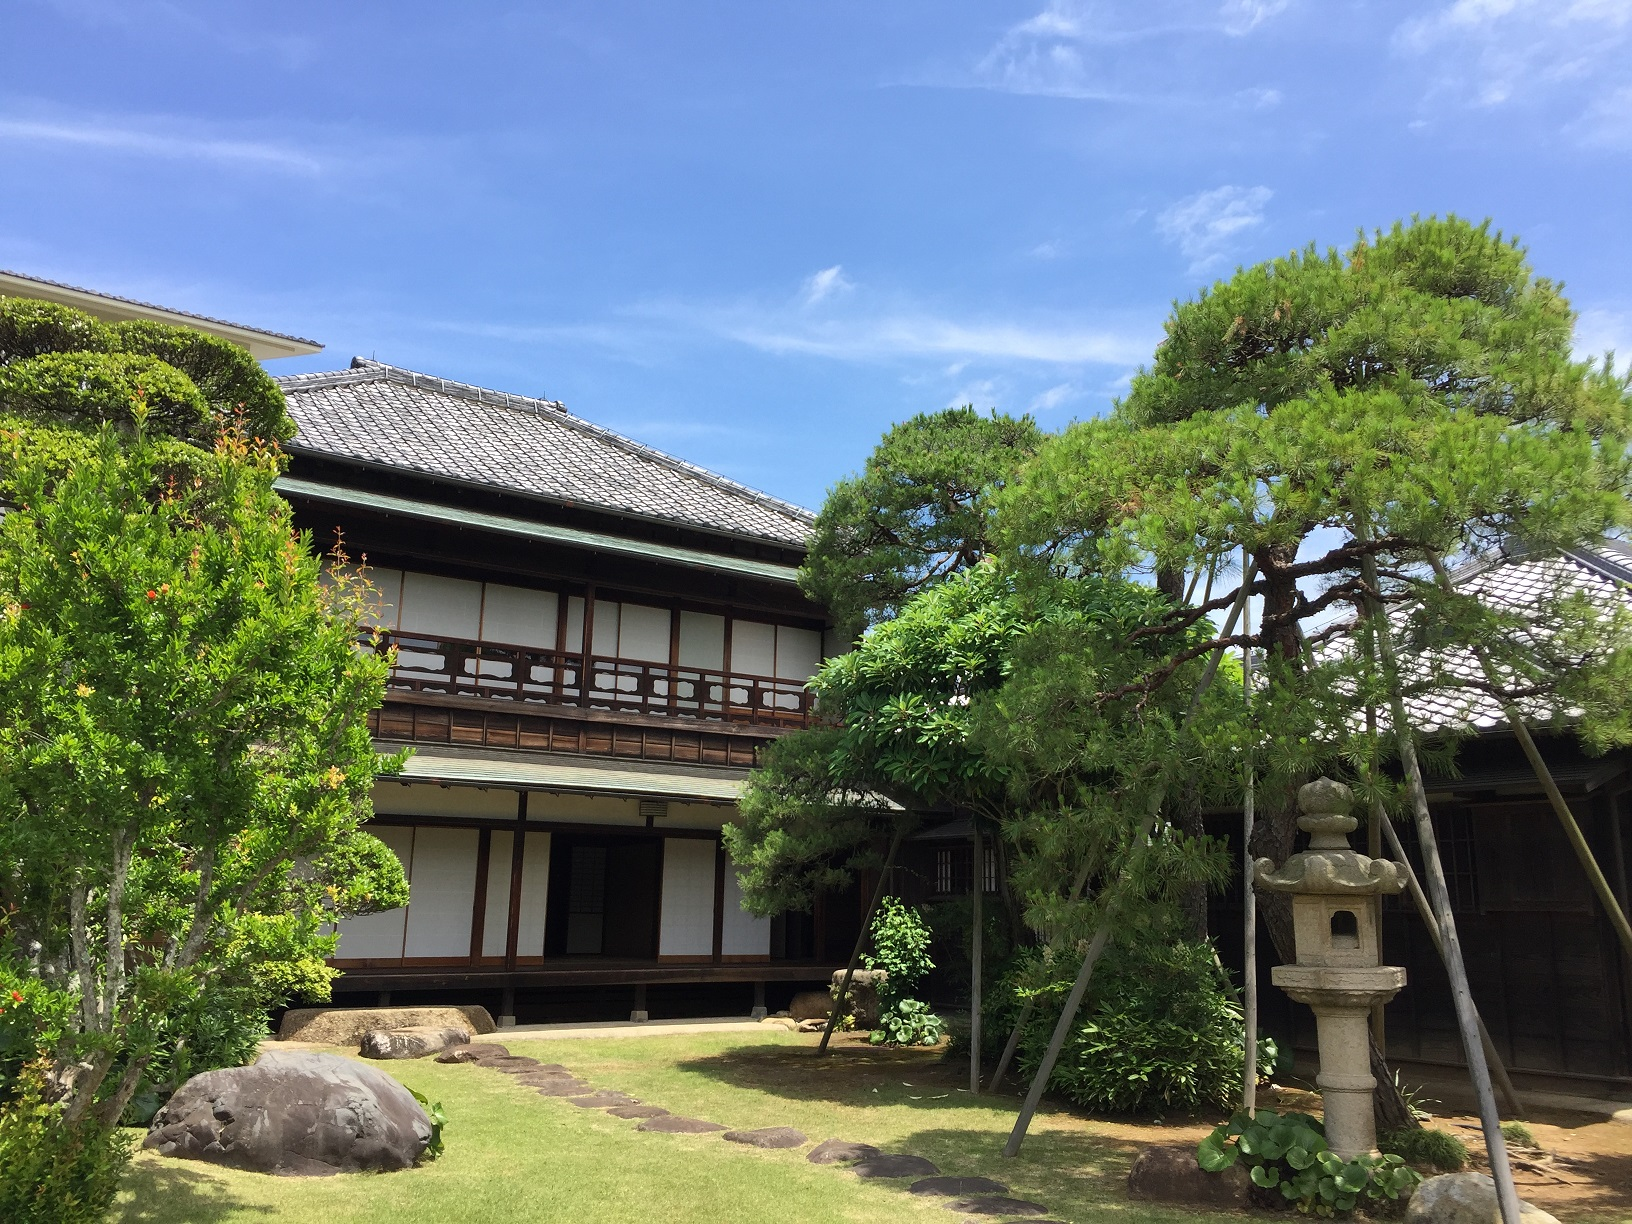 【千葉県佐倉市観光】『旧堀田邸』はドラマやCM、特撮の舞台としても有名な名所!